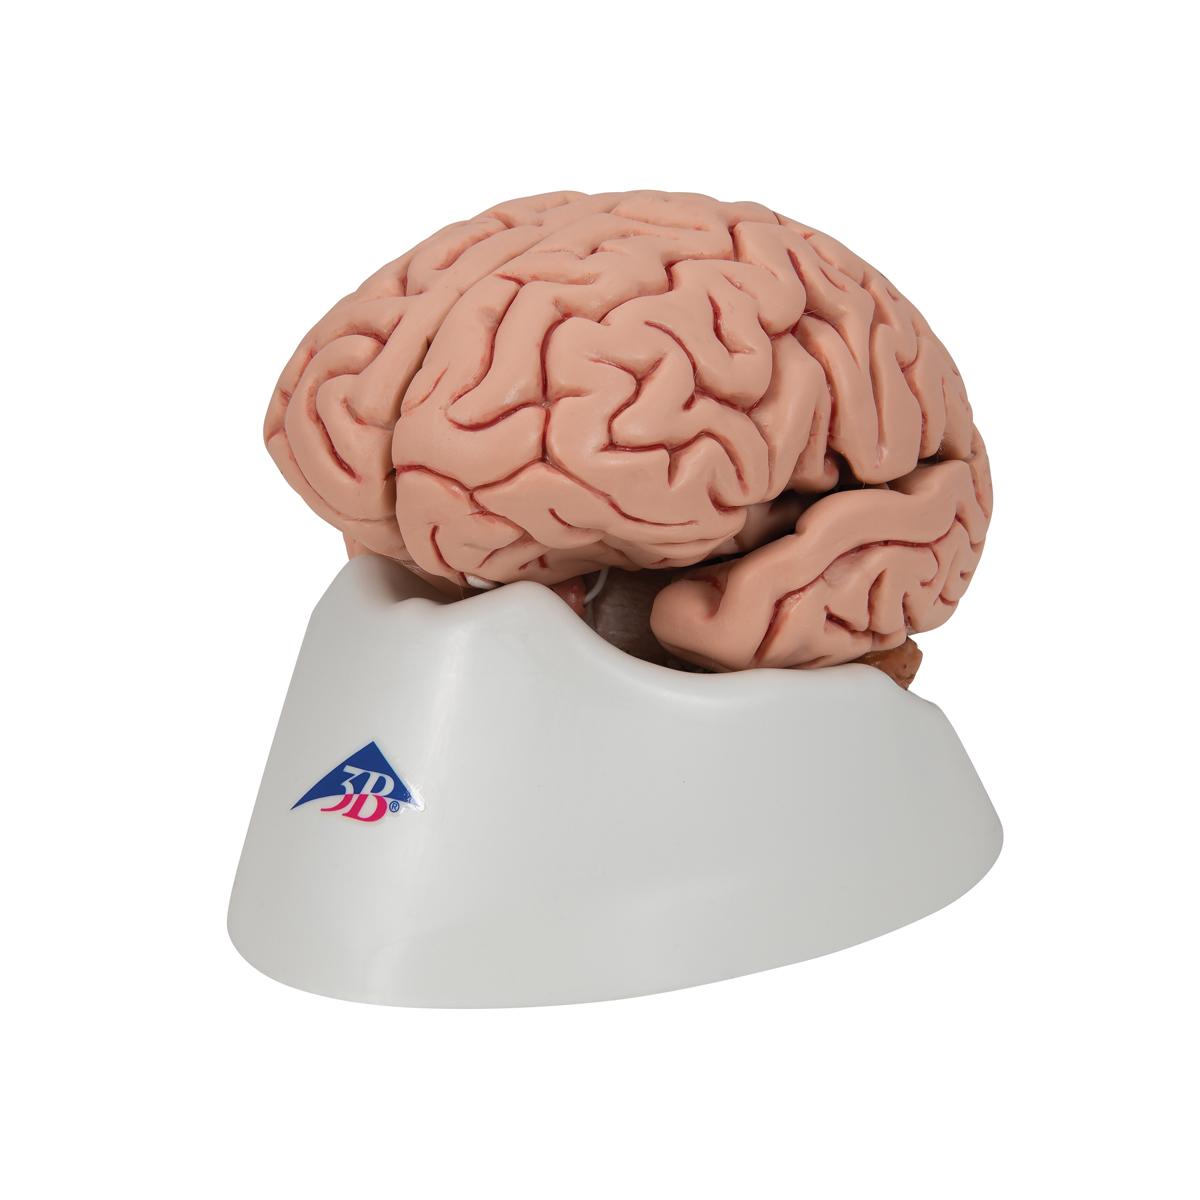 Teaching brain anatomy